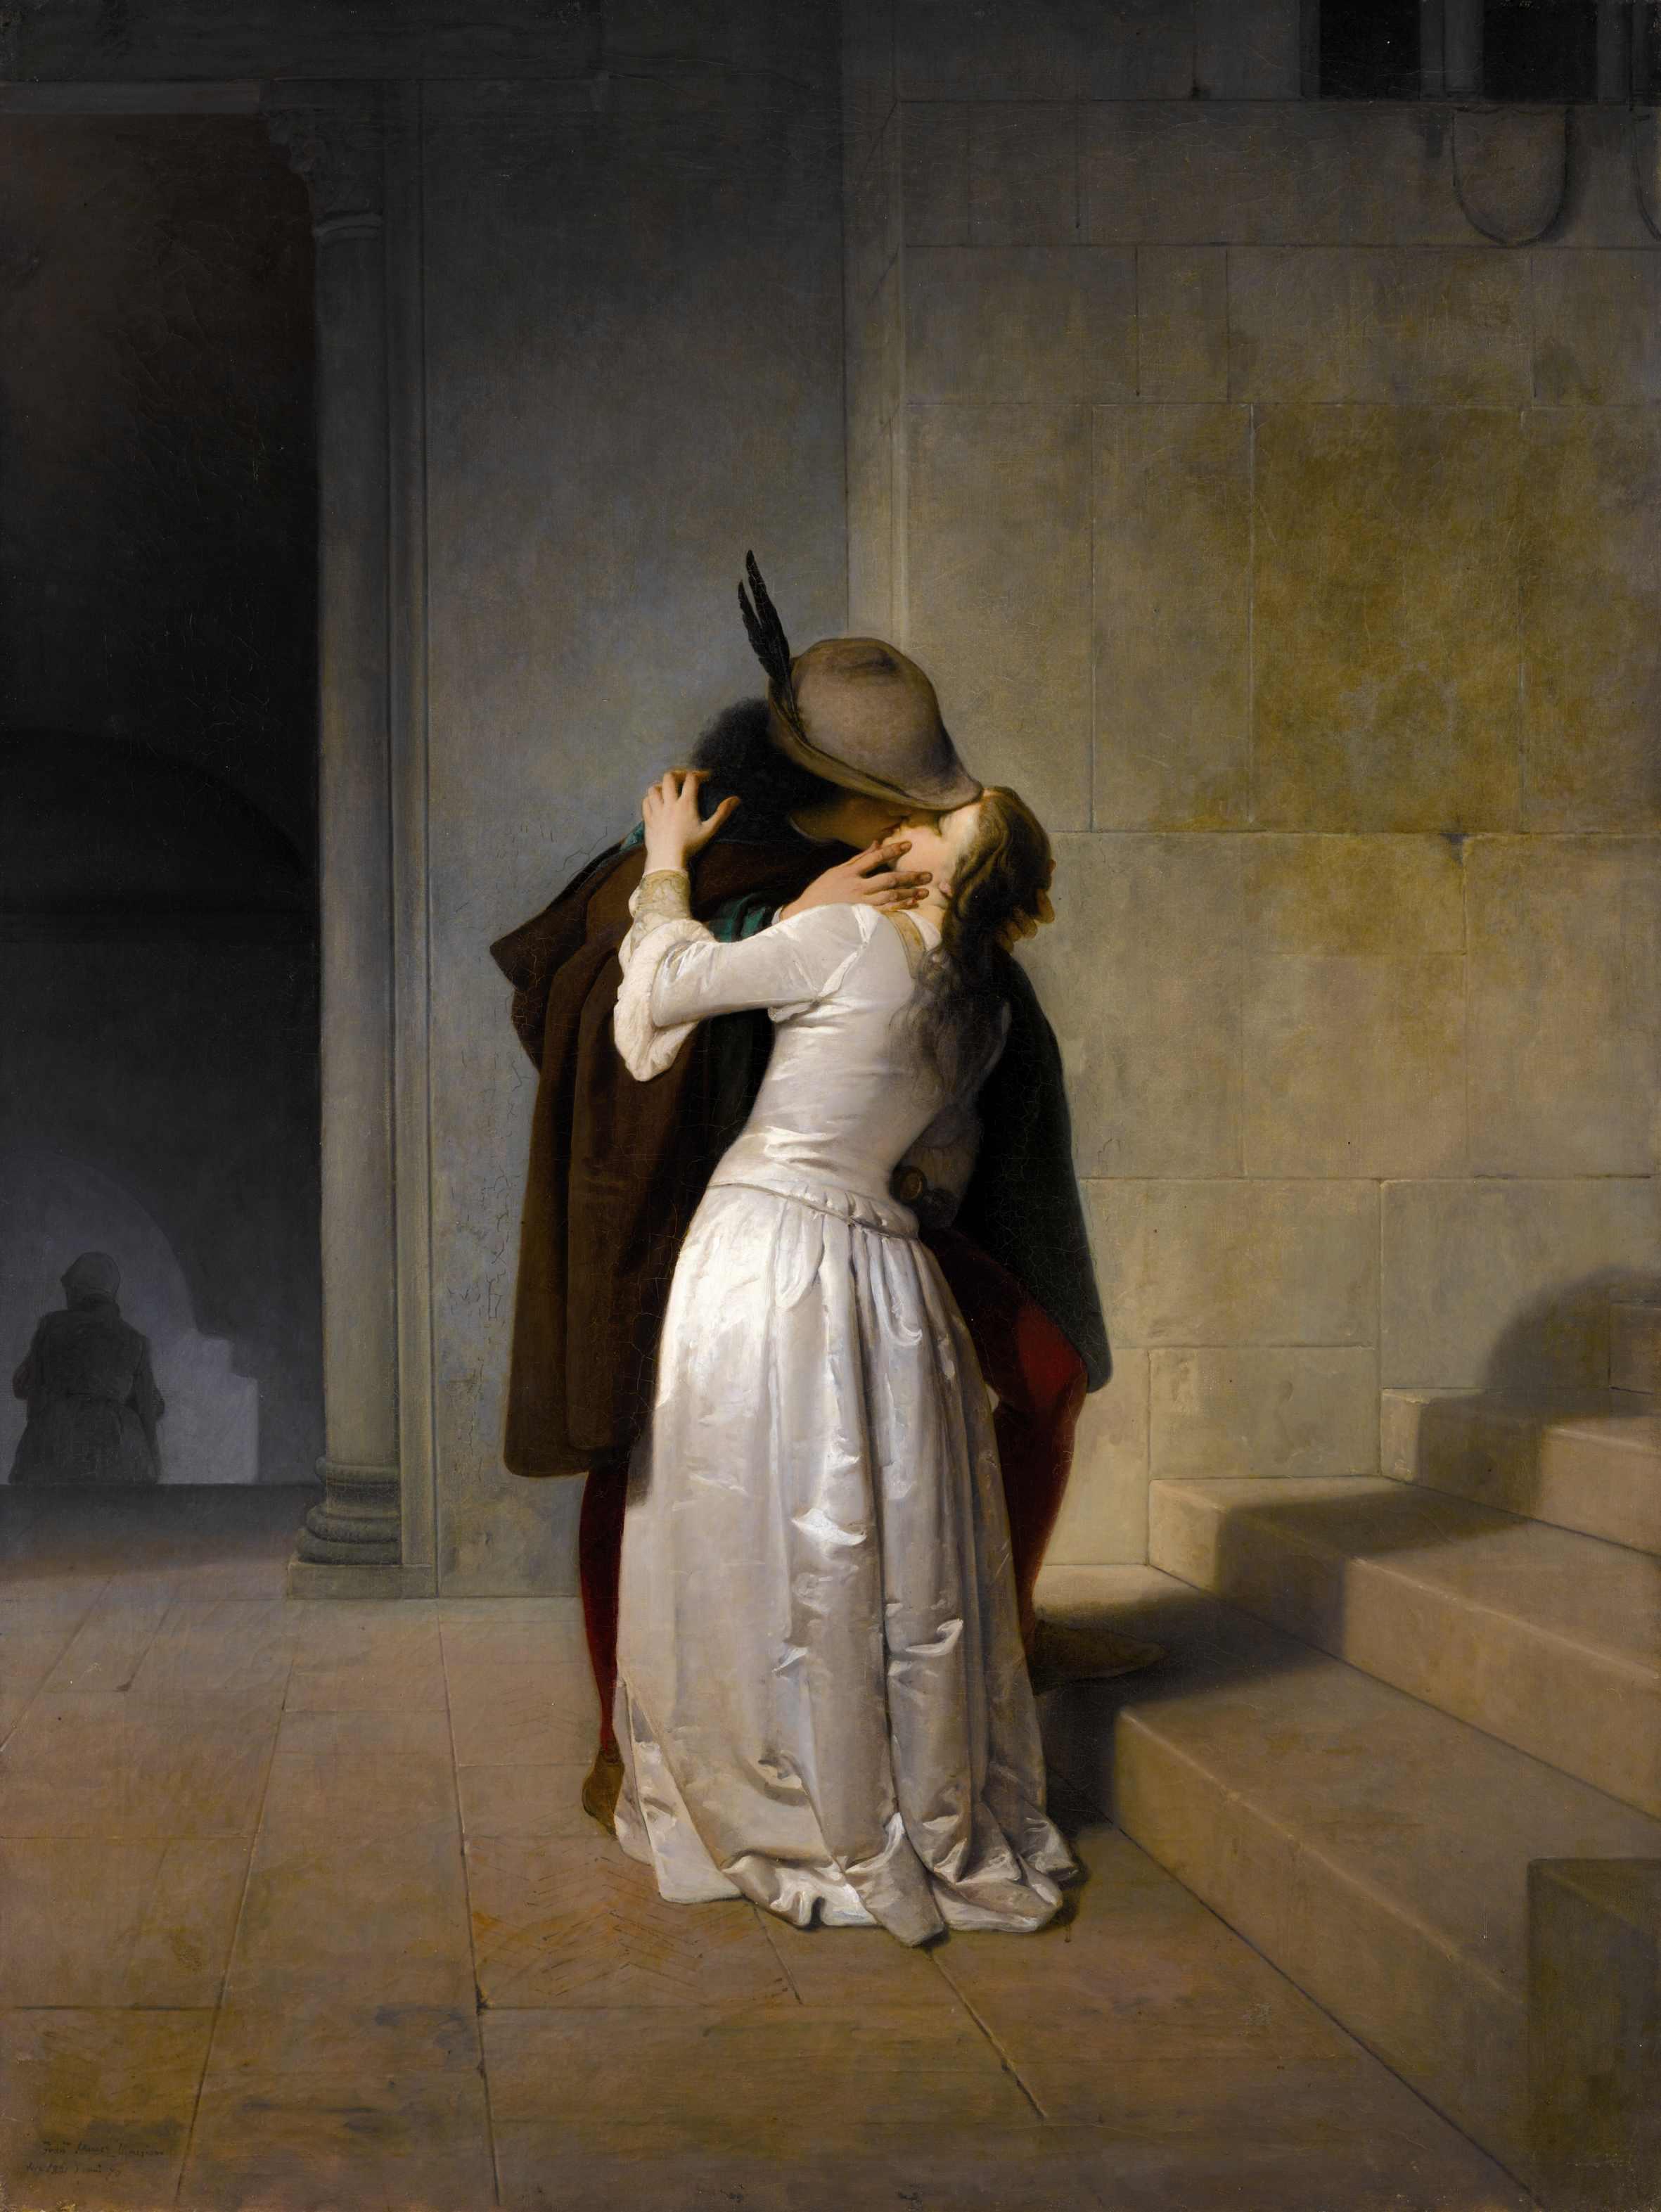 Francesco Hayez, Il bacio, 1859. Milano, Pinacoteca di Brera